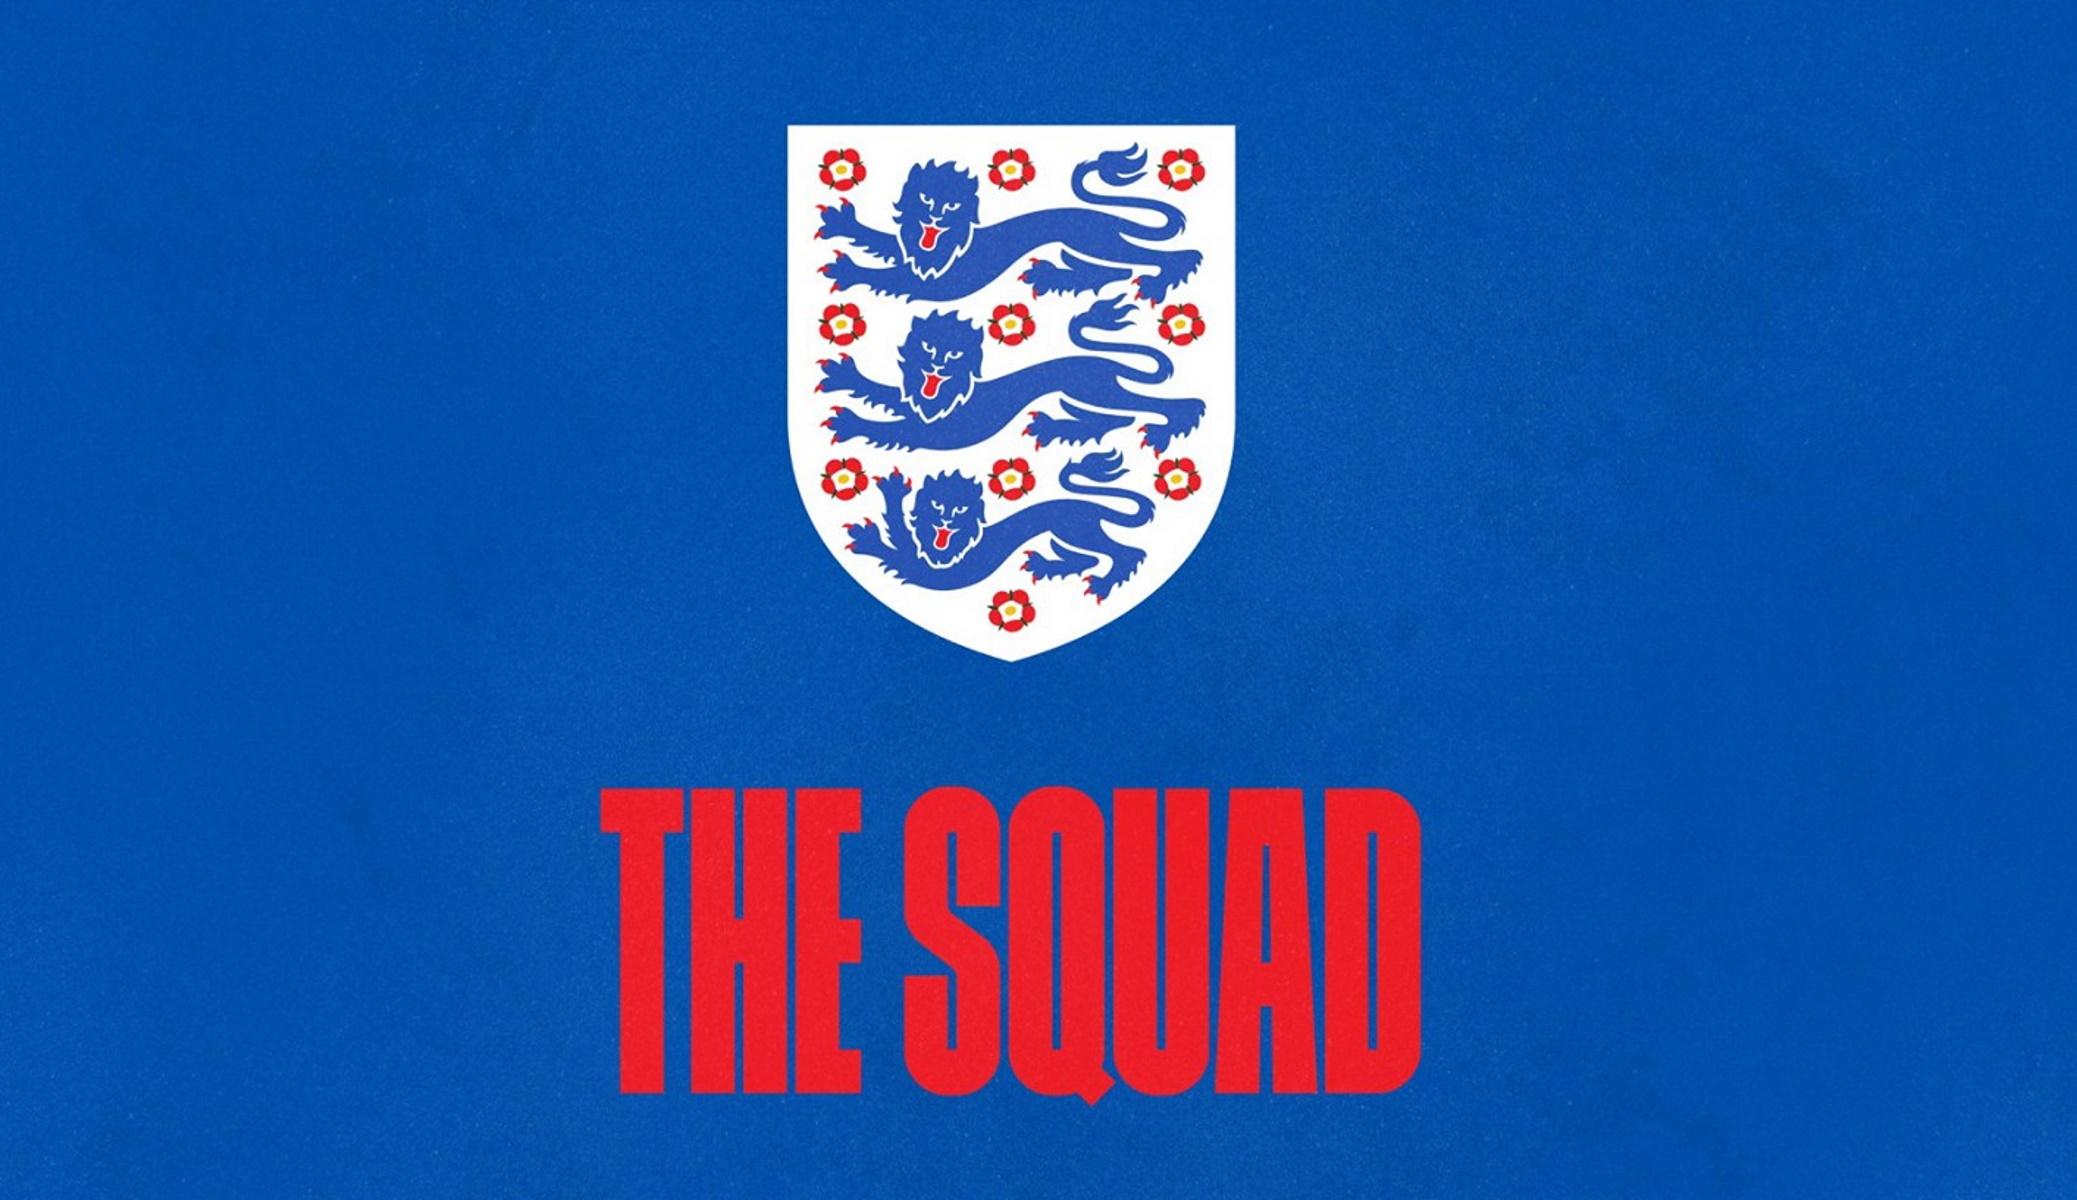 Η αποστολή της Αγγλίας για το Euro 2020